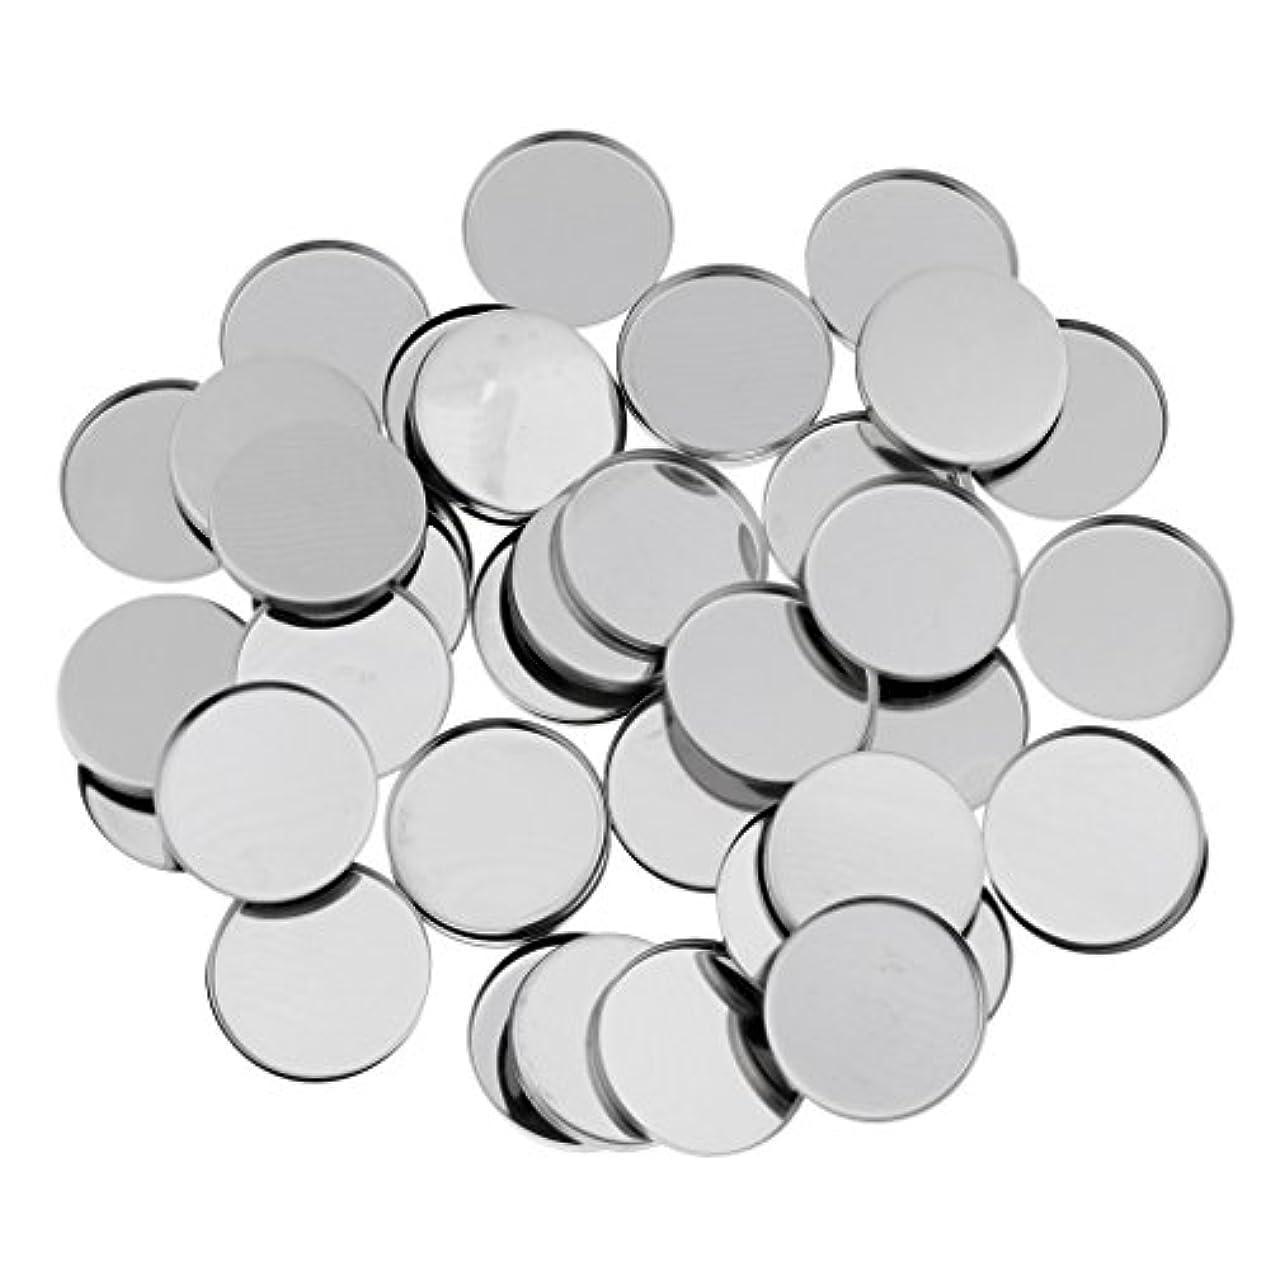 感度段階ばかげているT TOOYFUL 磁気アイシャドウパレットのための50個のラウンド空の金属メーキャップパン36ミリメートル